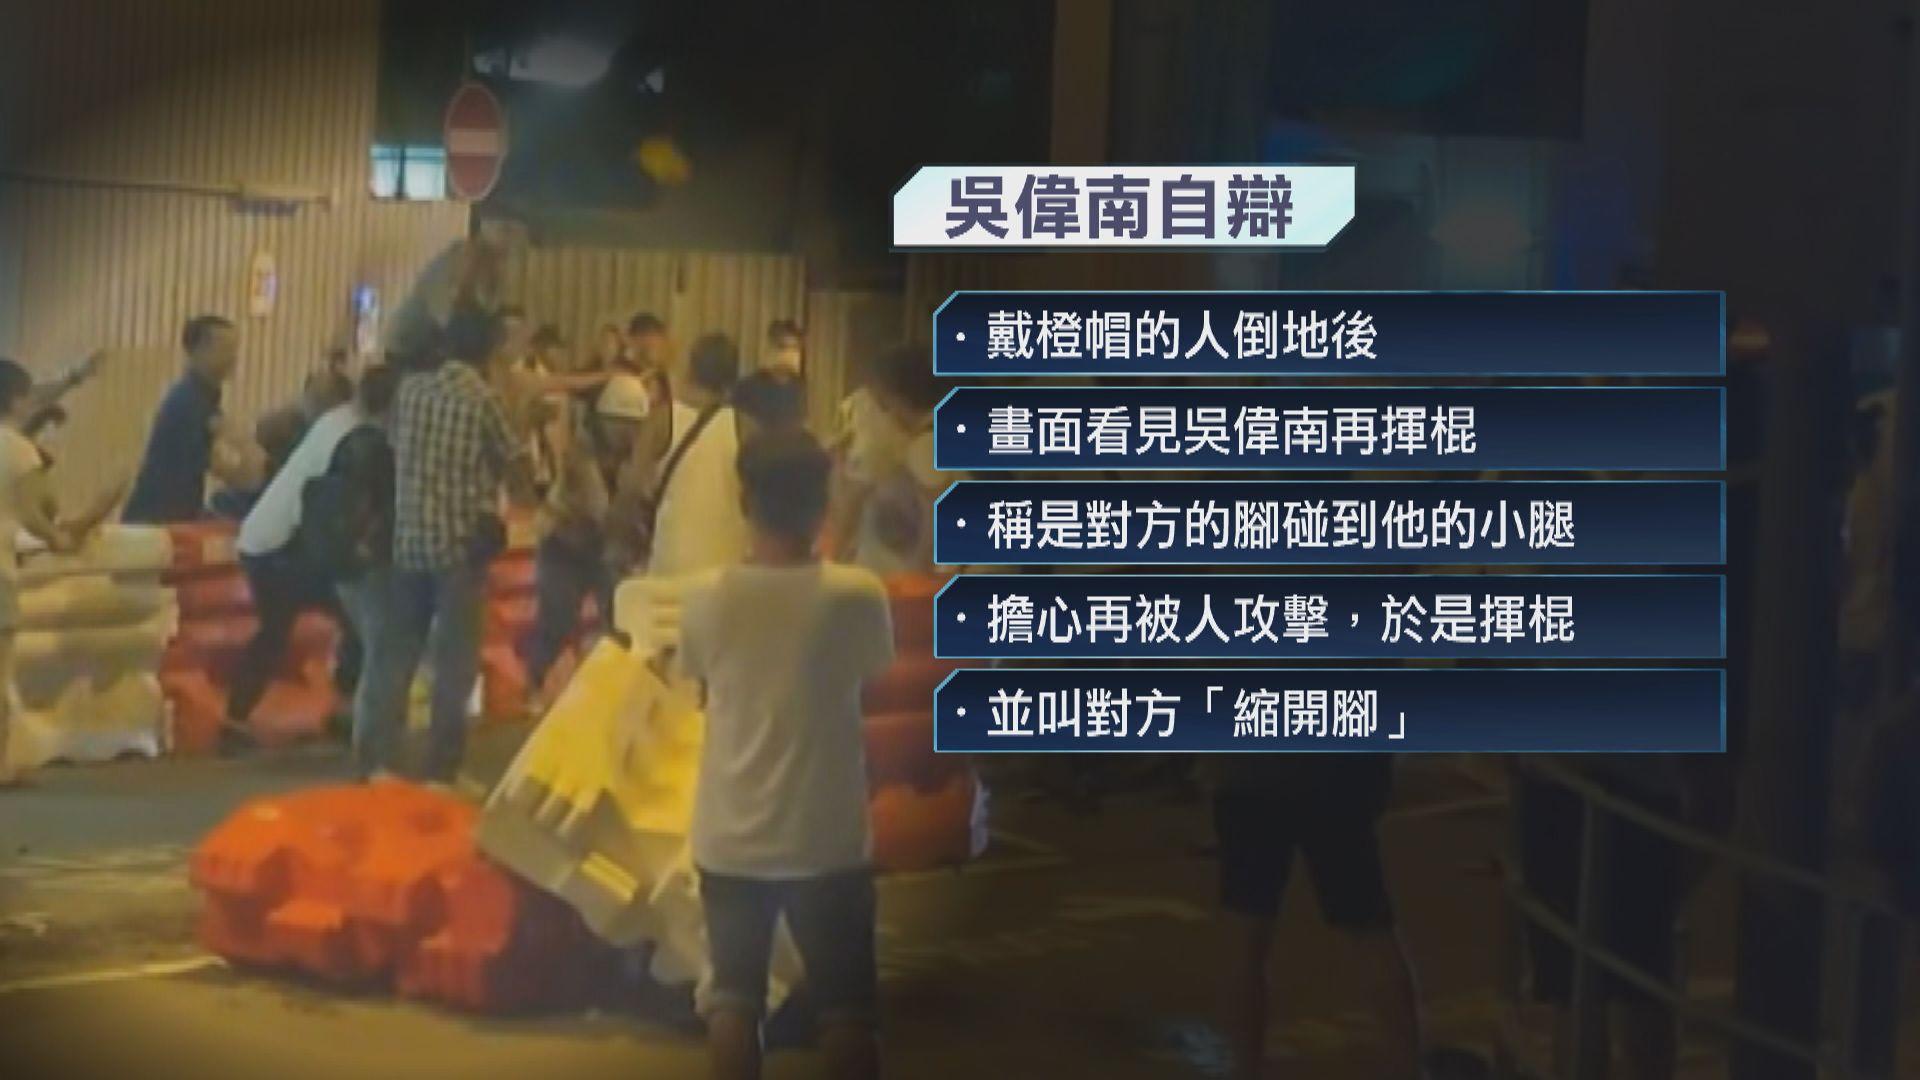 721元朗暴動案「飛天南」自辯 稱揮動木棍是自衛